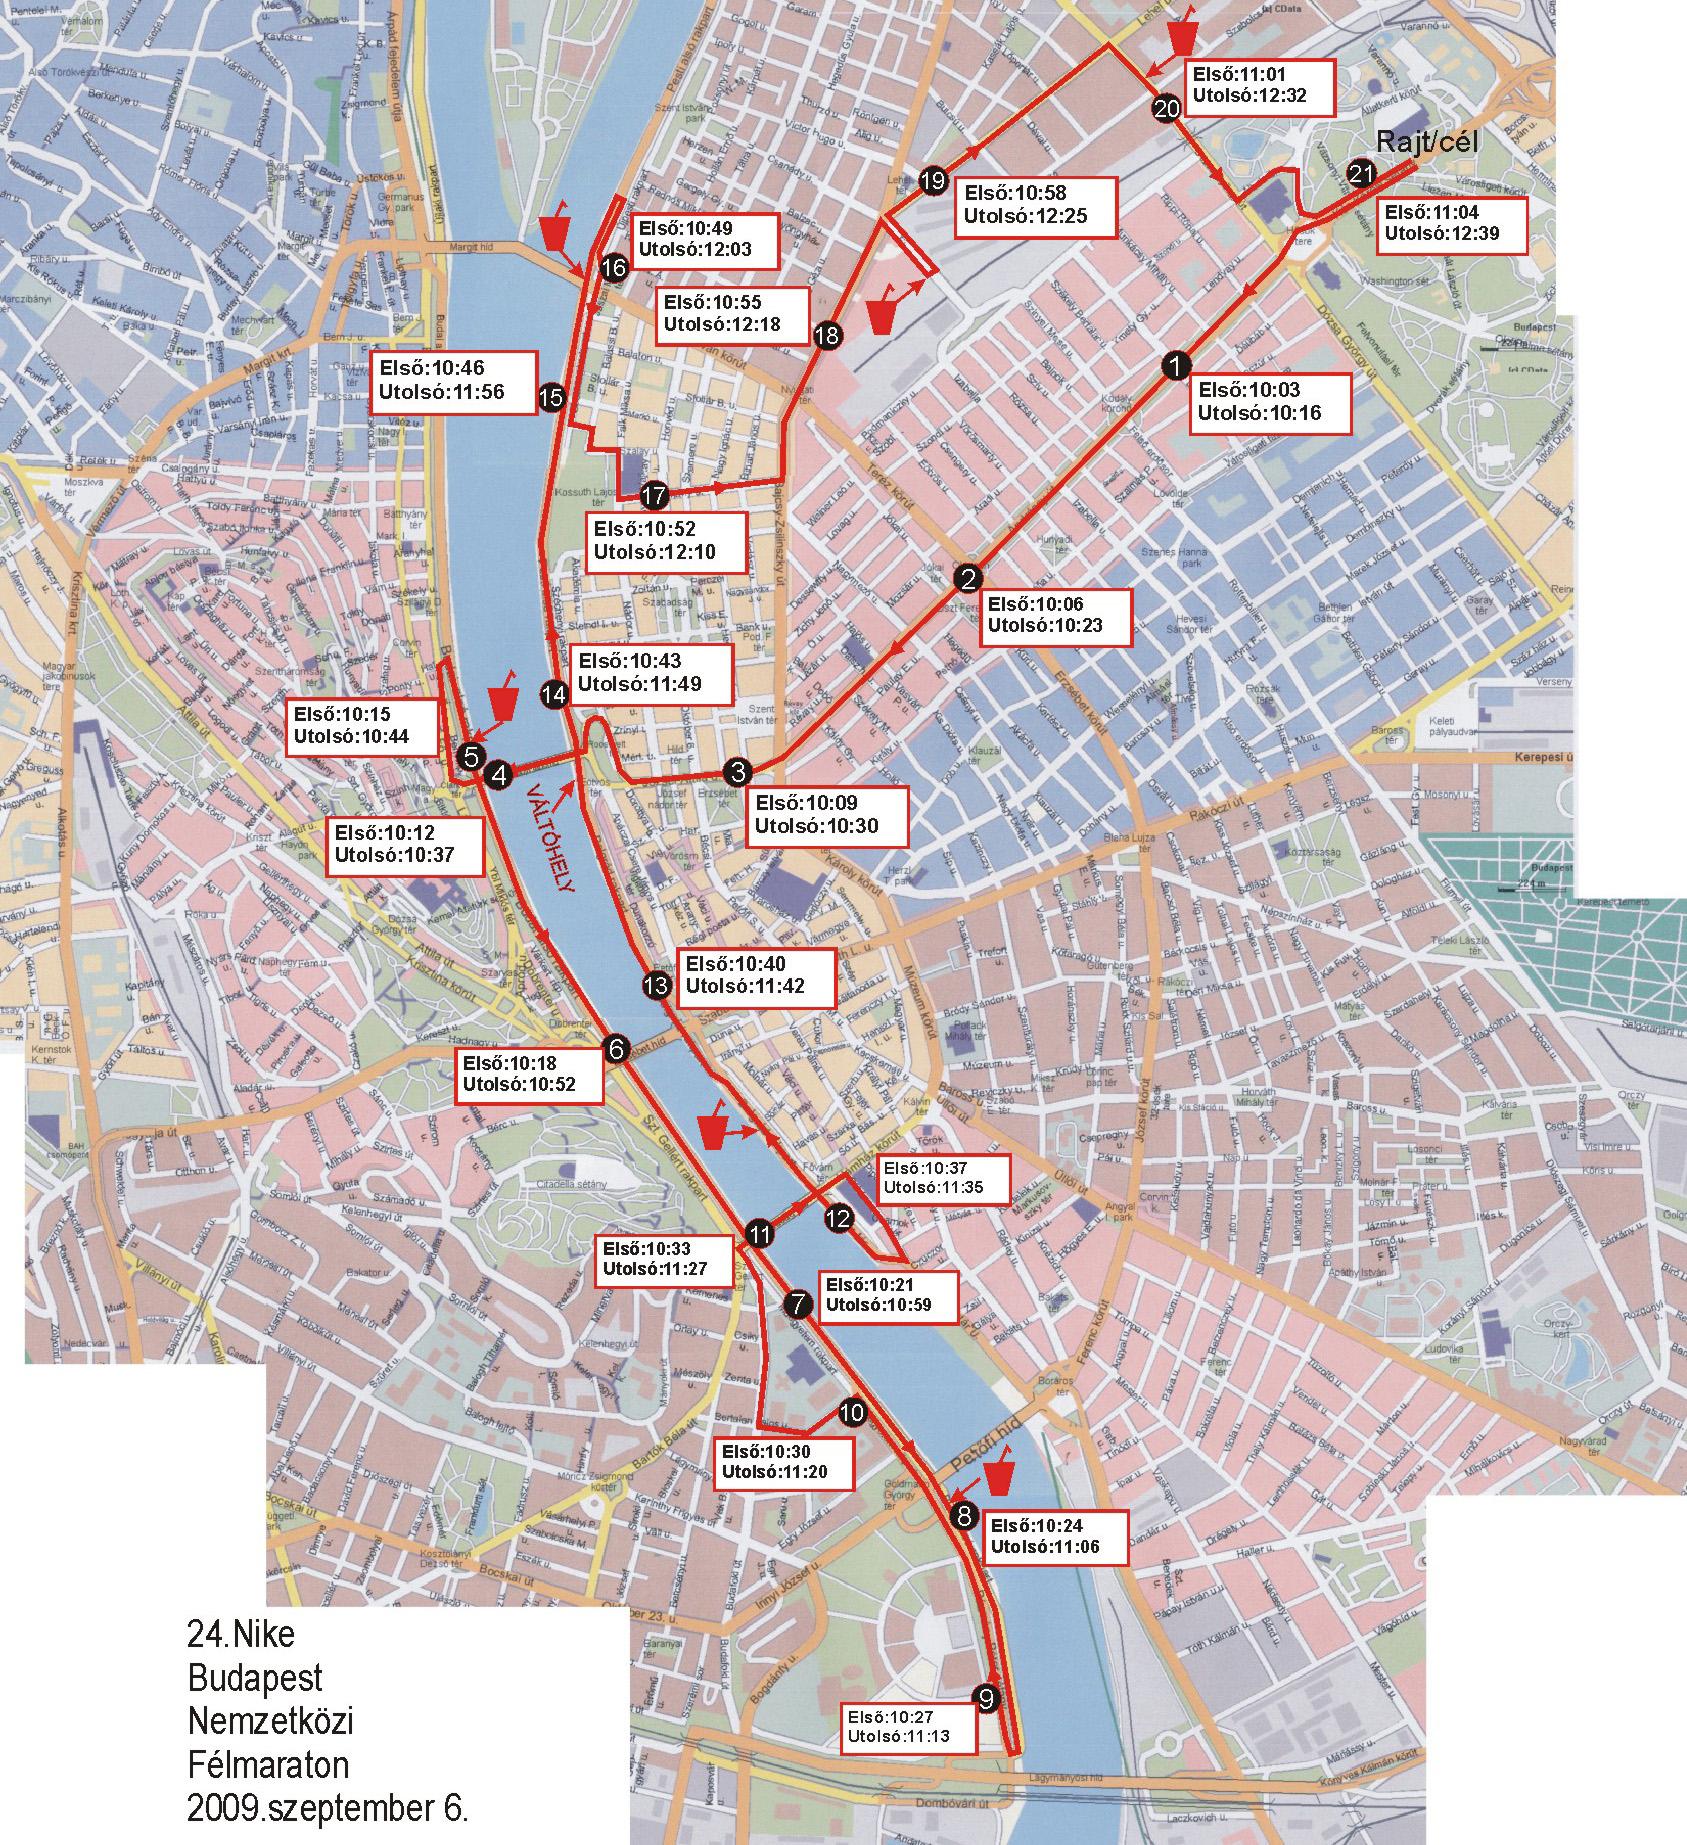 budapest térkép nyomtatható 24. Budapest Nemzetközi Félmaraton, Térkép   Futanet.hu budapest térkép nyomtatható